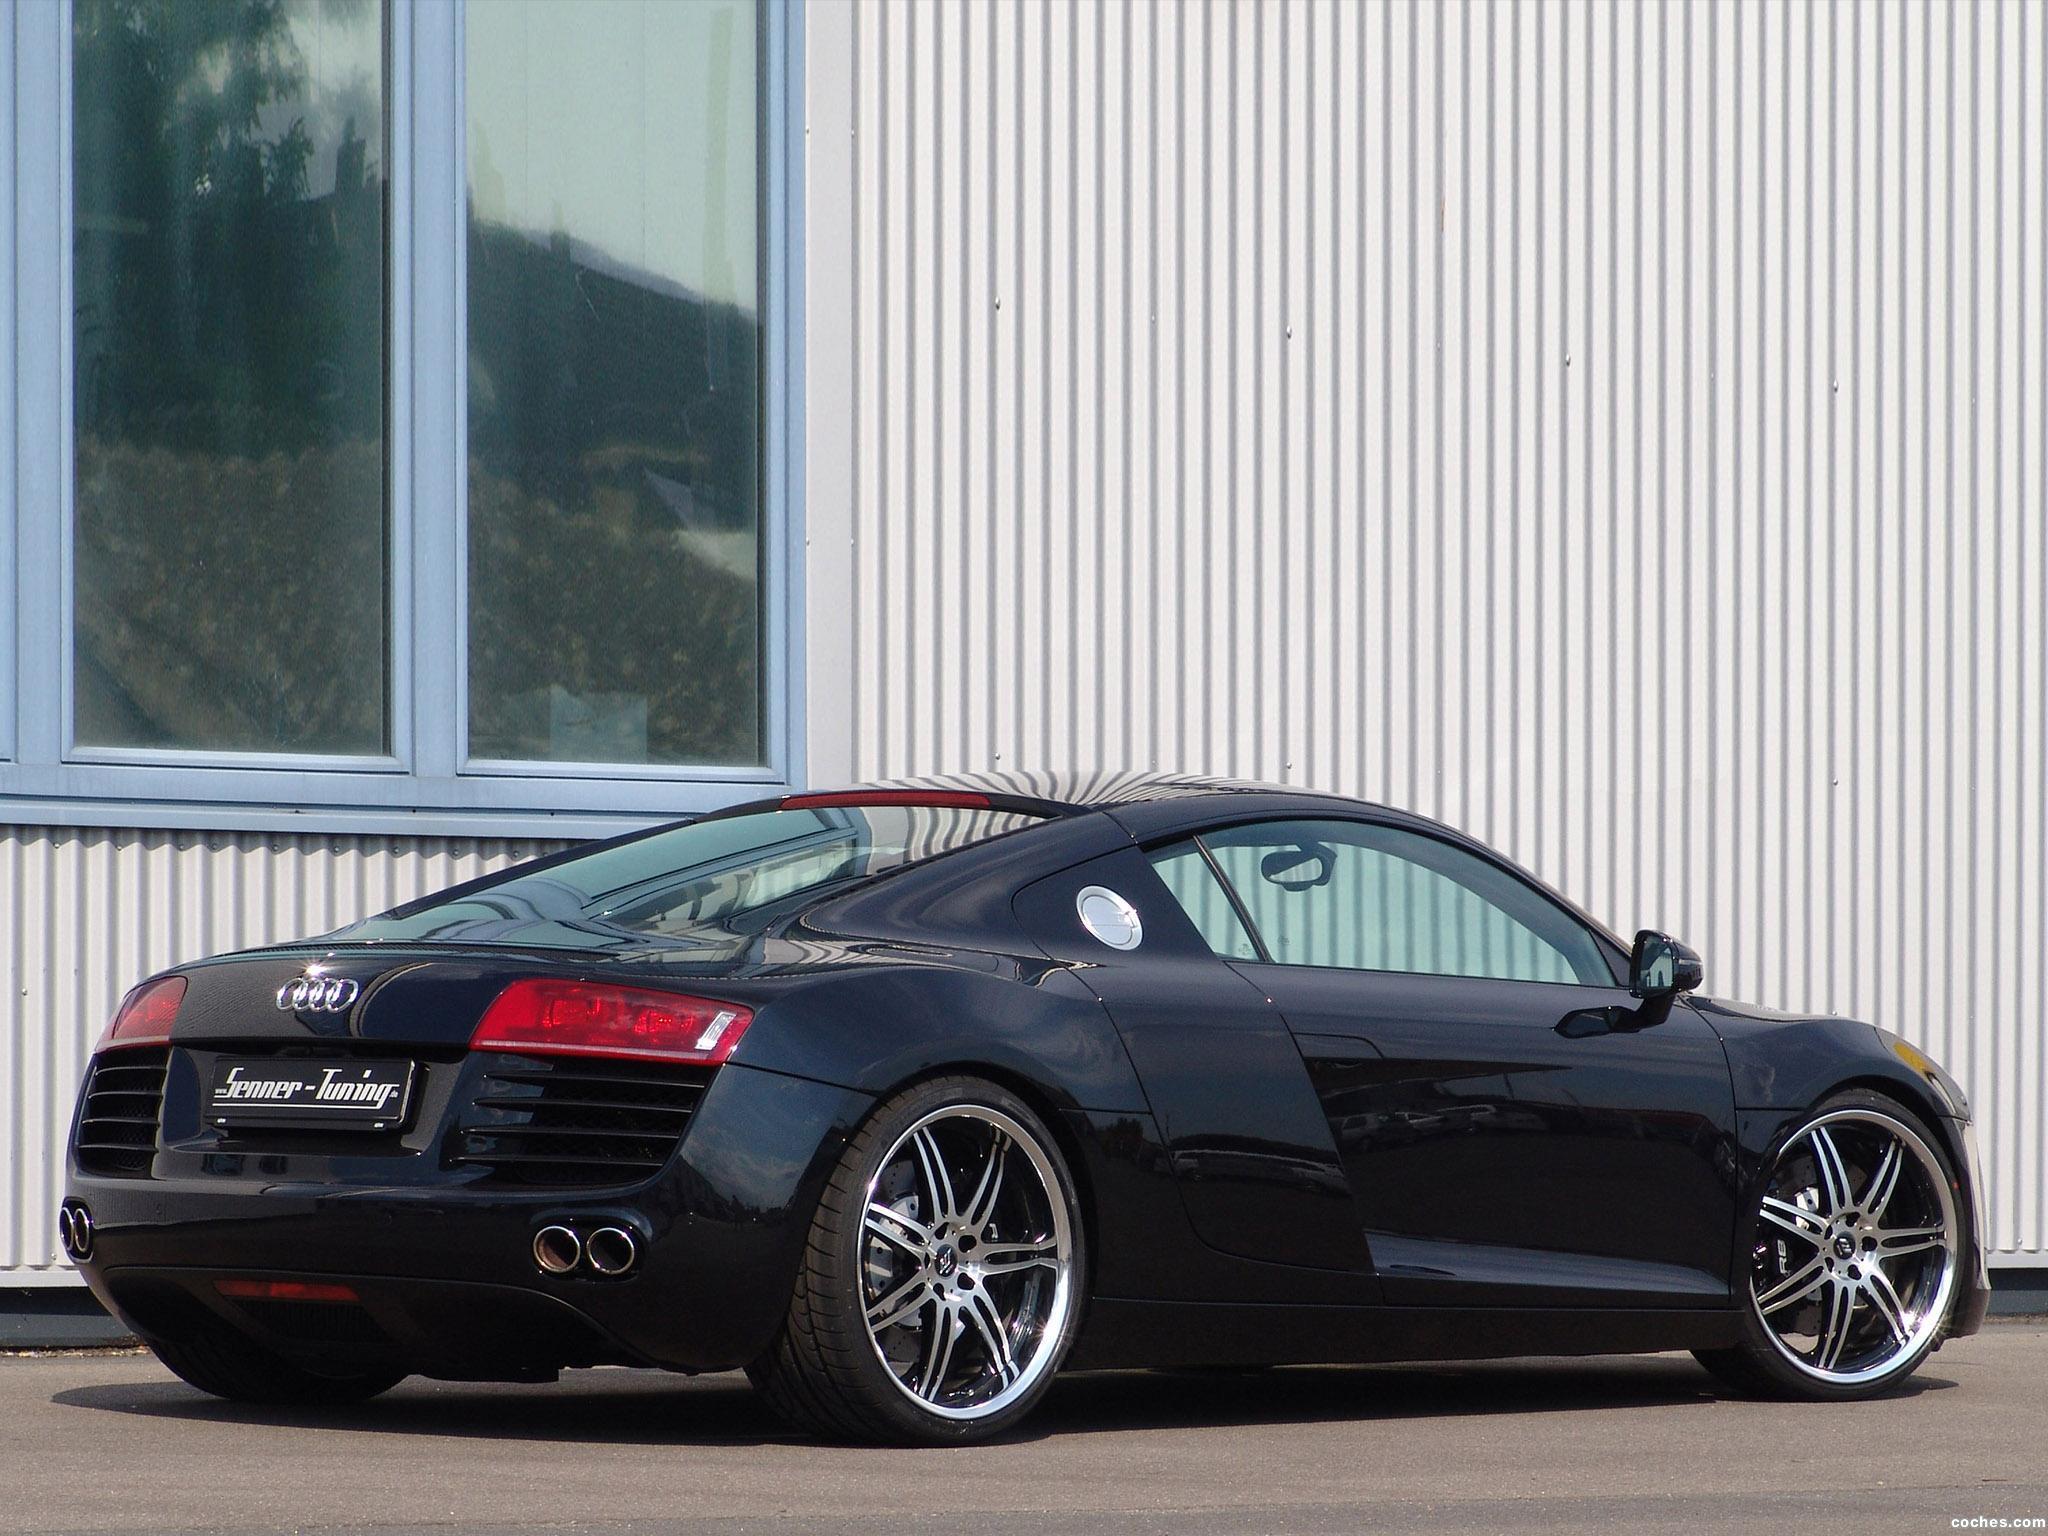 Foto 5 de Audi Senner R8 Super Sport Concept 2009